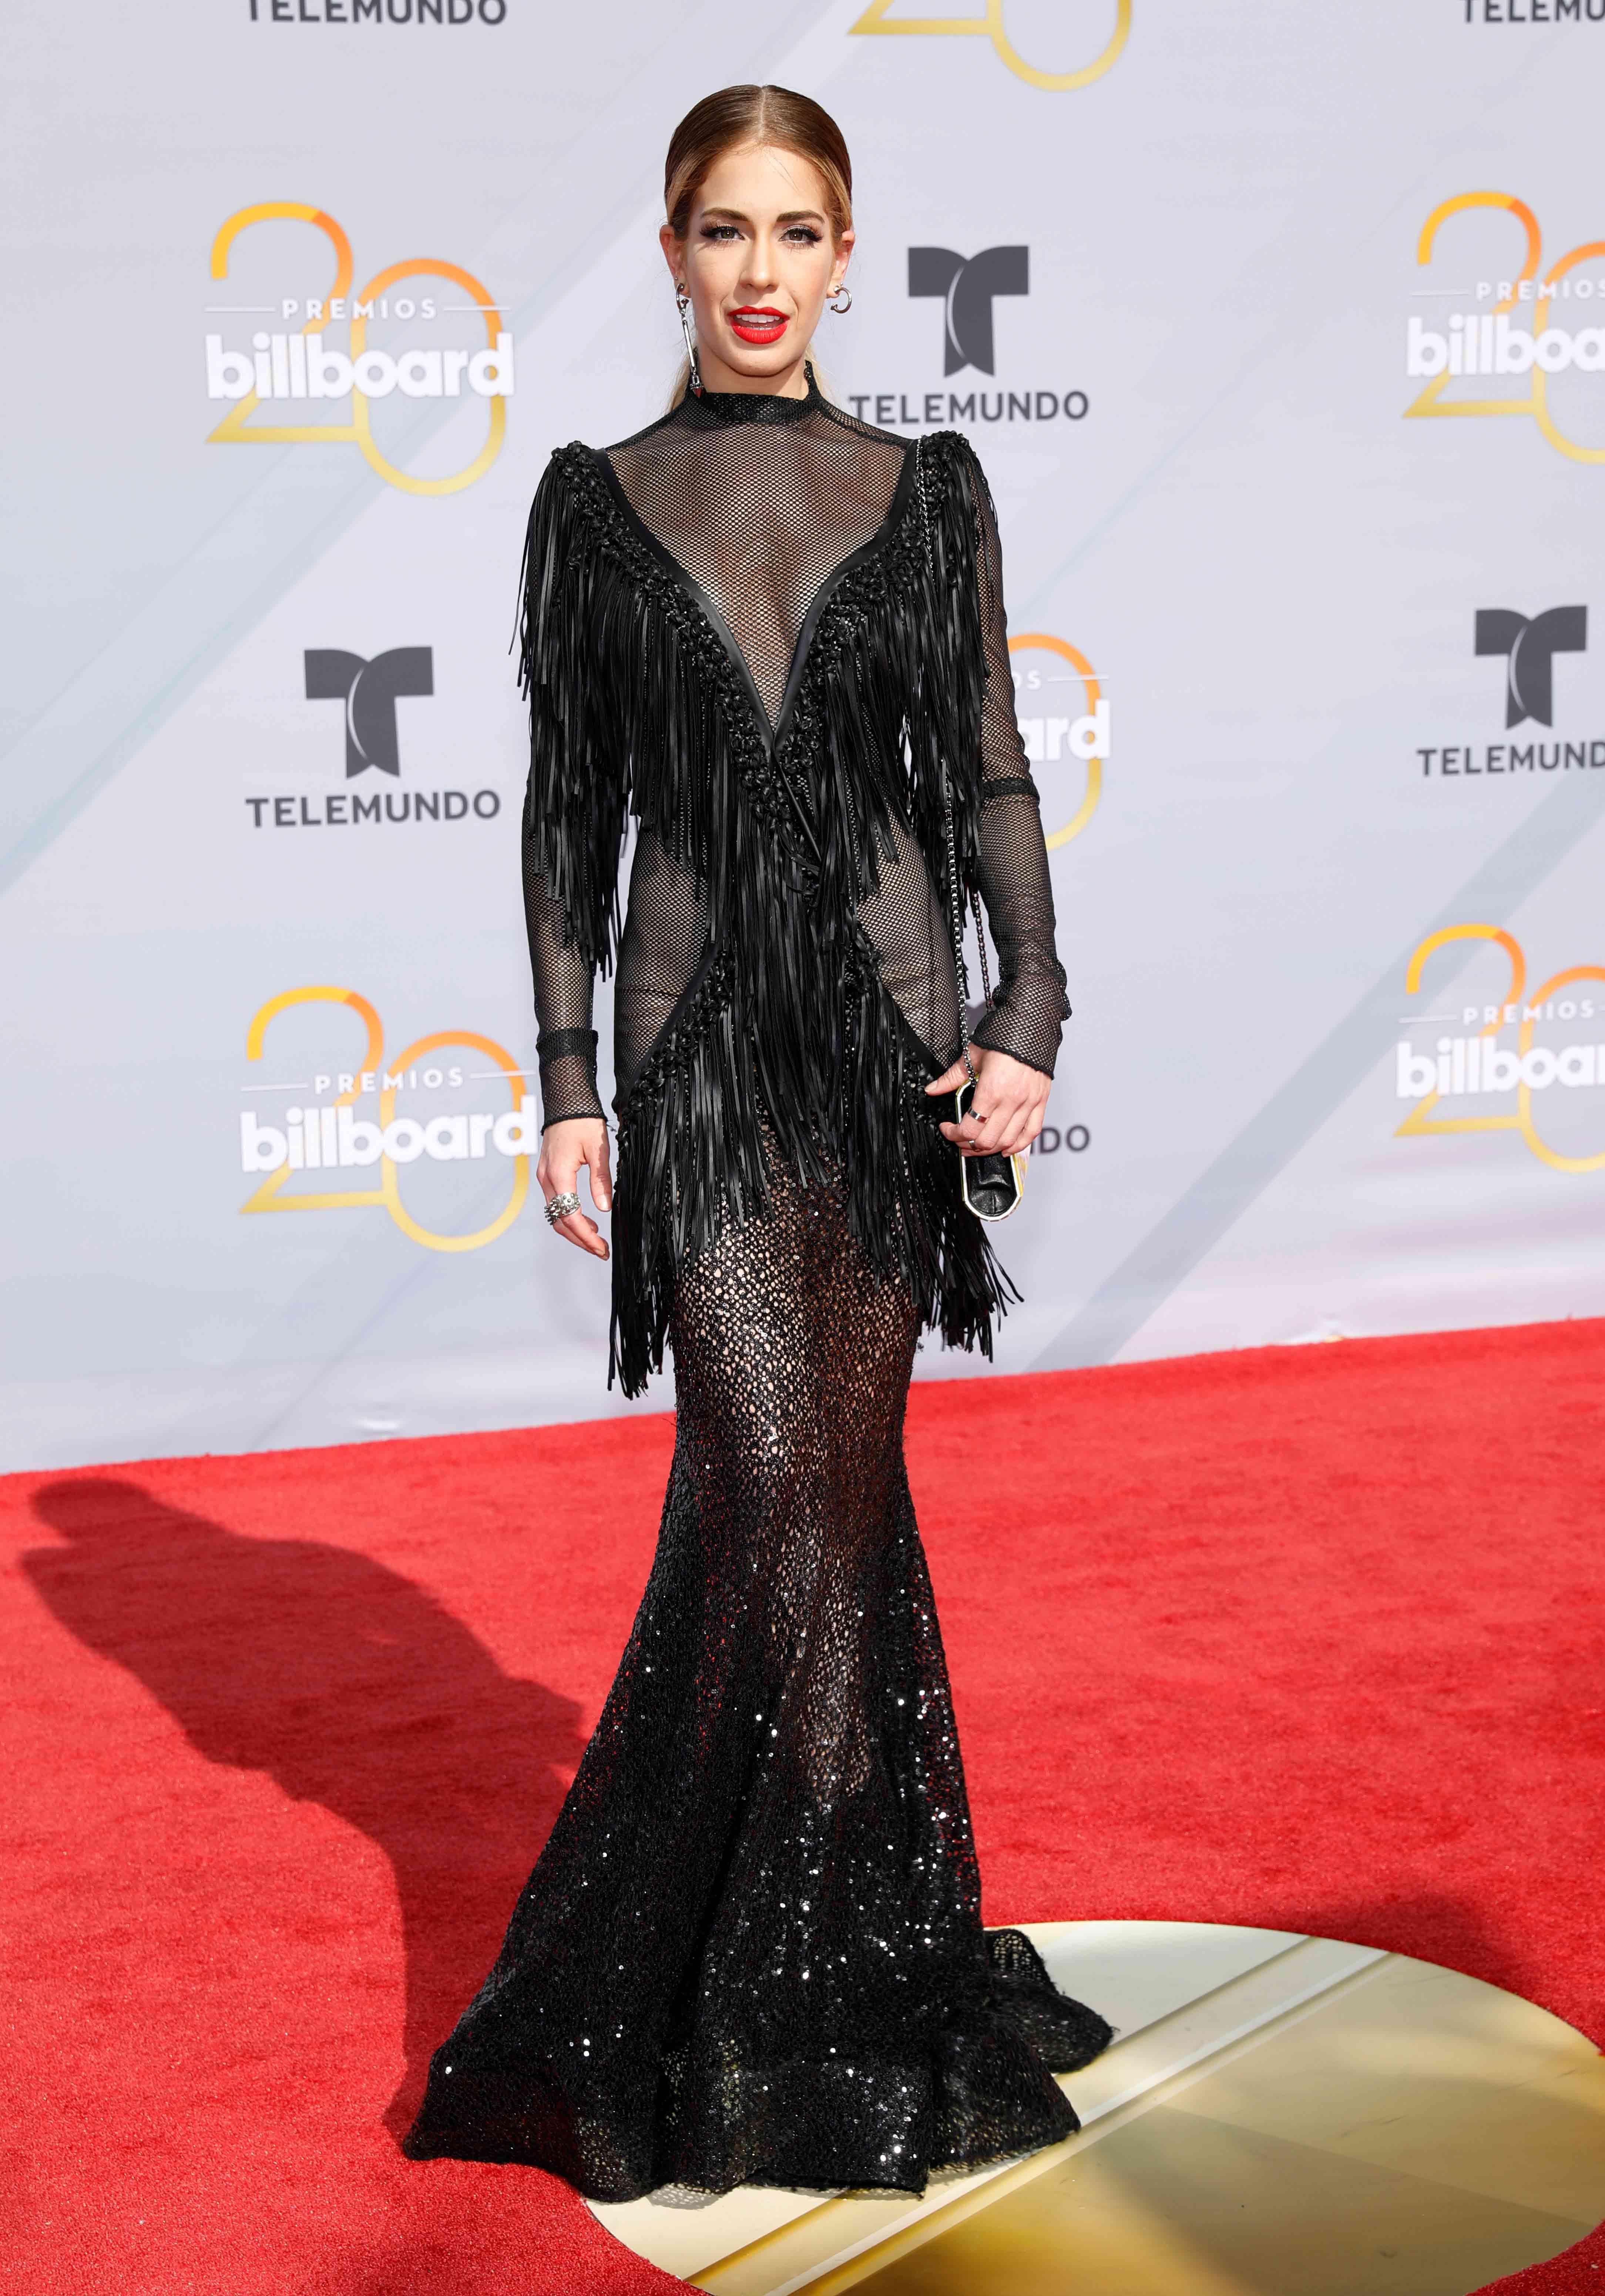 La actriz mexicana Carmen Aub optó por un vestido de Michael Costello que se destacó por reveladoras transparencias en negro para deslumbrar en la entrega de los Premios Billboard. (Foto:AP)